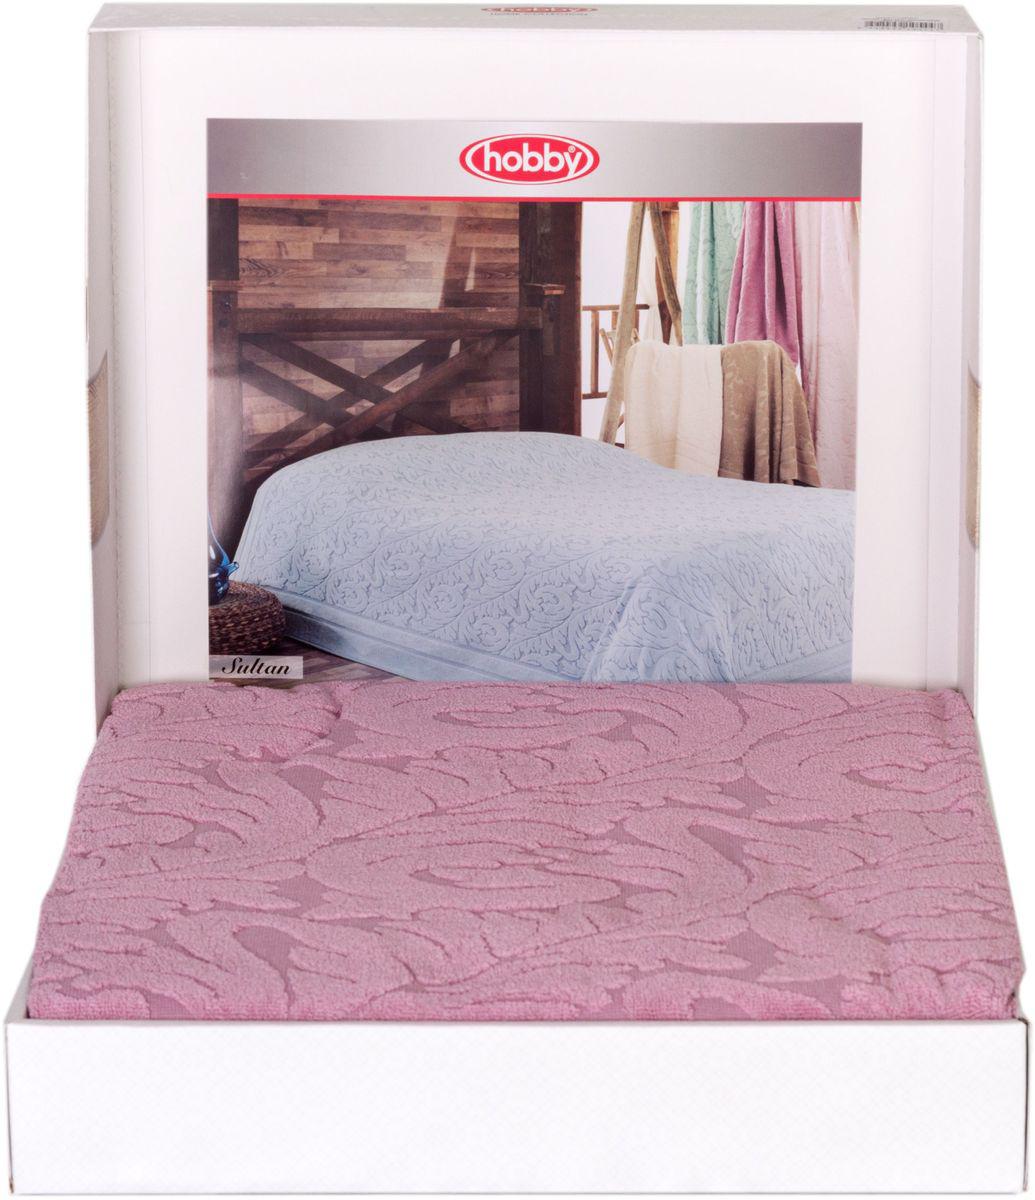 Покрывало Hobby Home Collection Sultan, цвет: розовый, 160 х 200 см1501001005Шикарное покрывало Hobby Home Collection Sultan изготовлено из 100% хлопка высшей категории. Оно обладает замечательными дышащими свойствами и будет хорошо смотреться как на диване, так и на большой кровати. Данное покрывало можно также использовать в качестве одеяла.